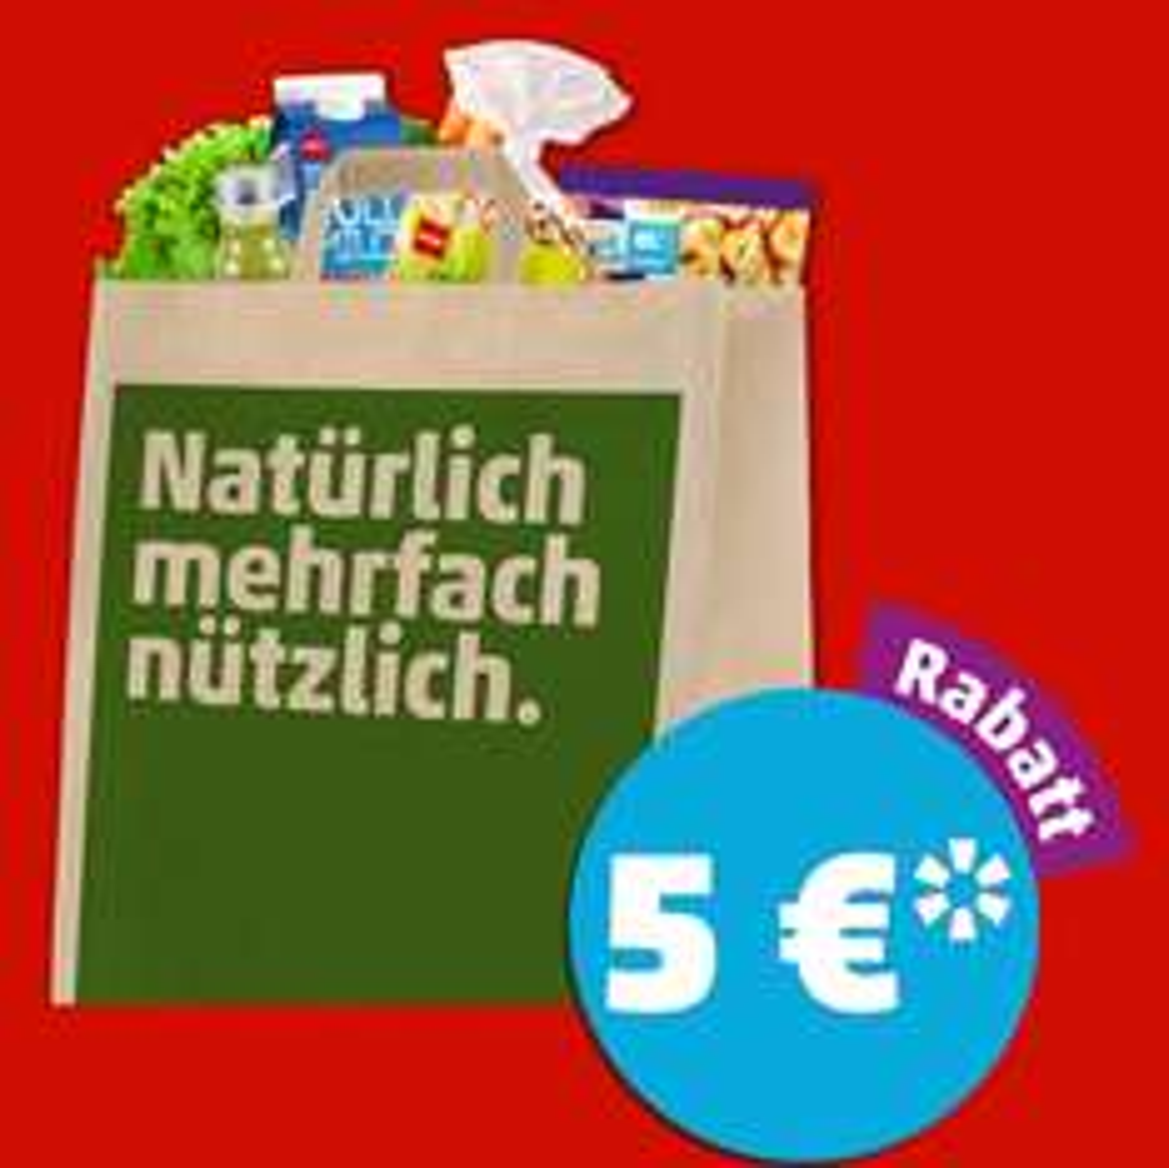 5€ Rabatt ab 40€ Einkaufswert am Freitag 10.03.17 18-24 Uhr [Penny] + Gratis Einkaufstasche